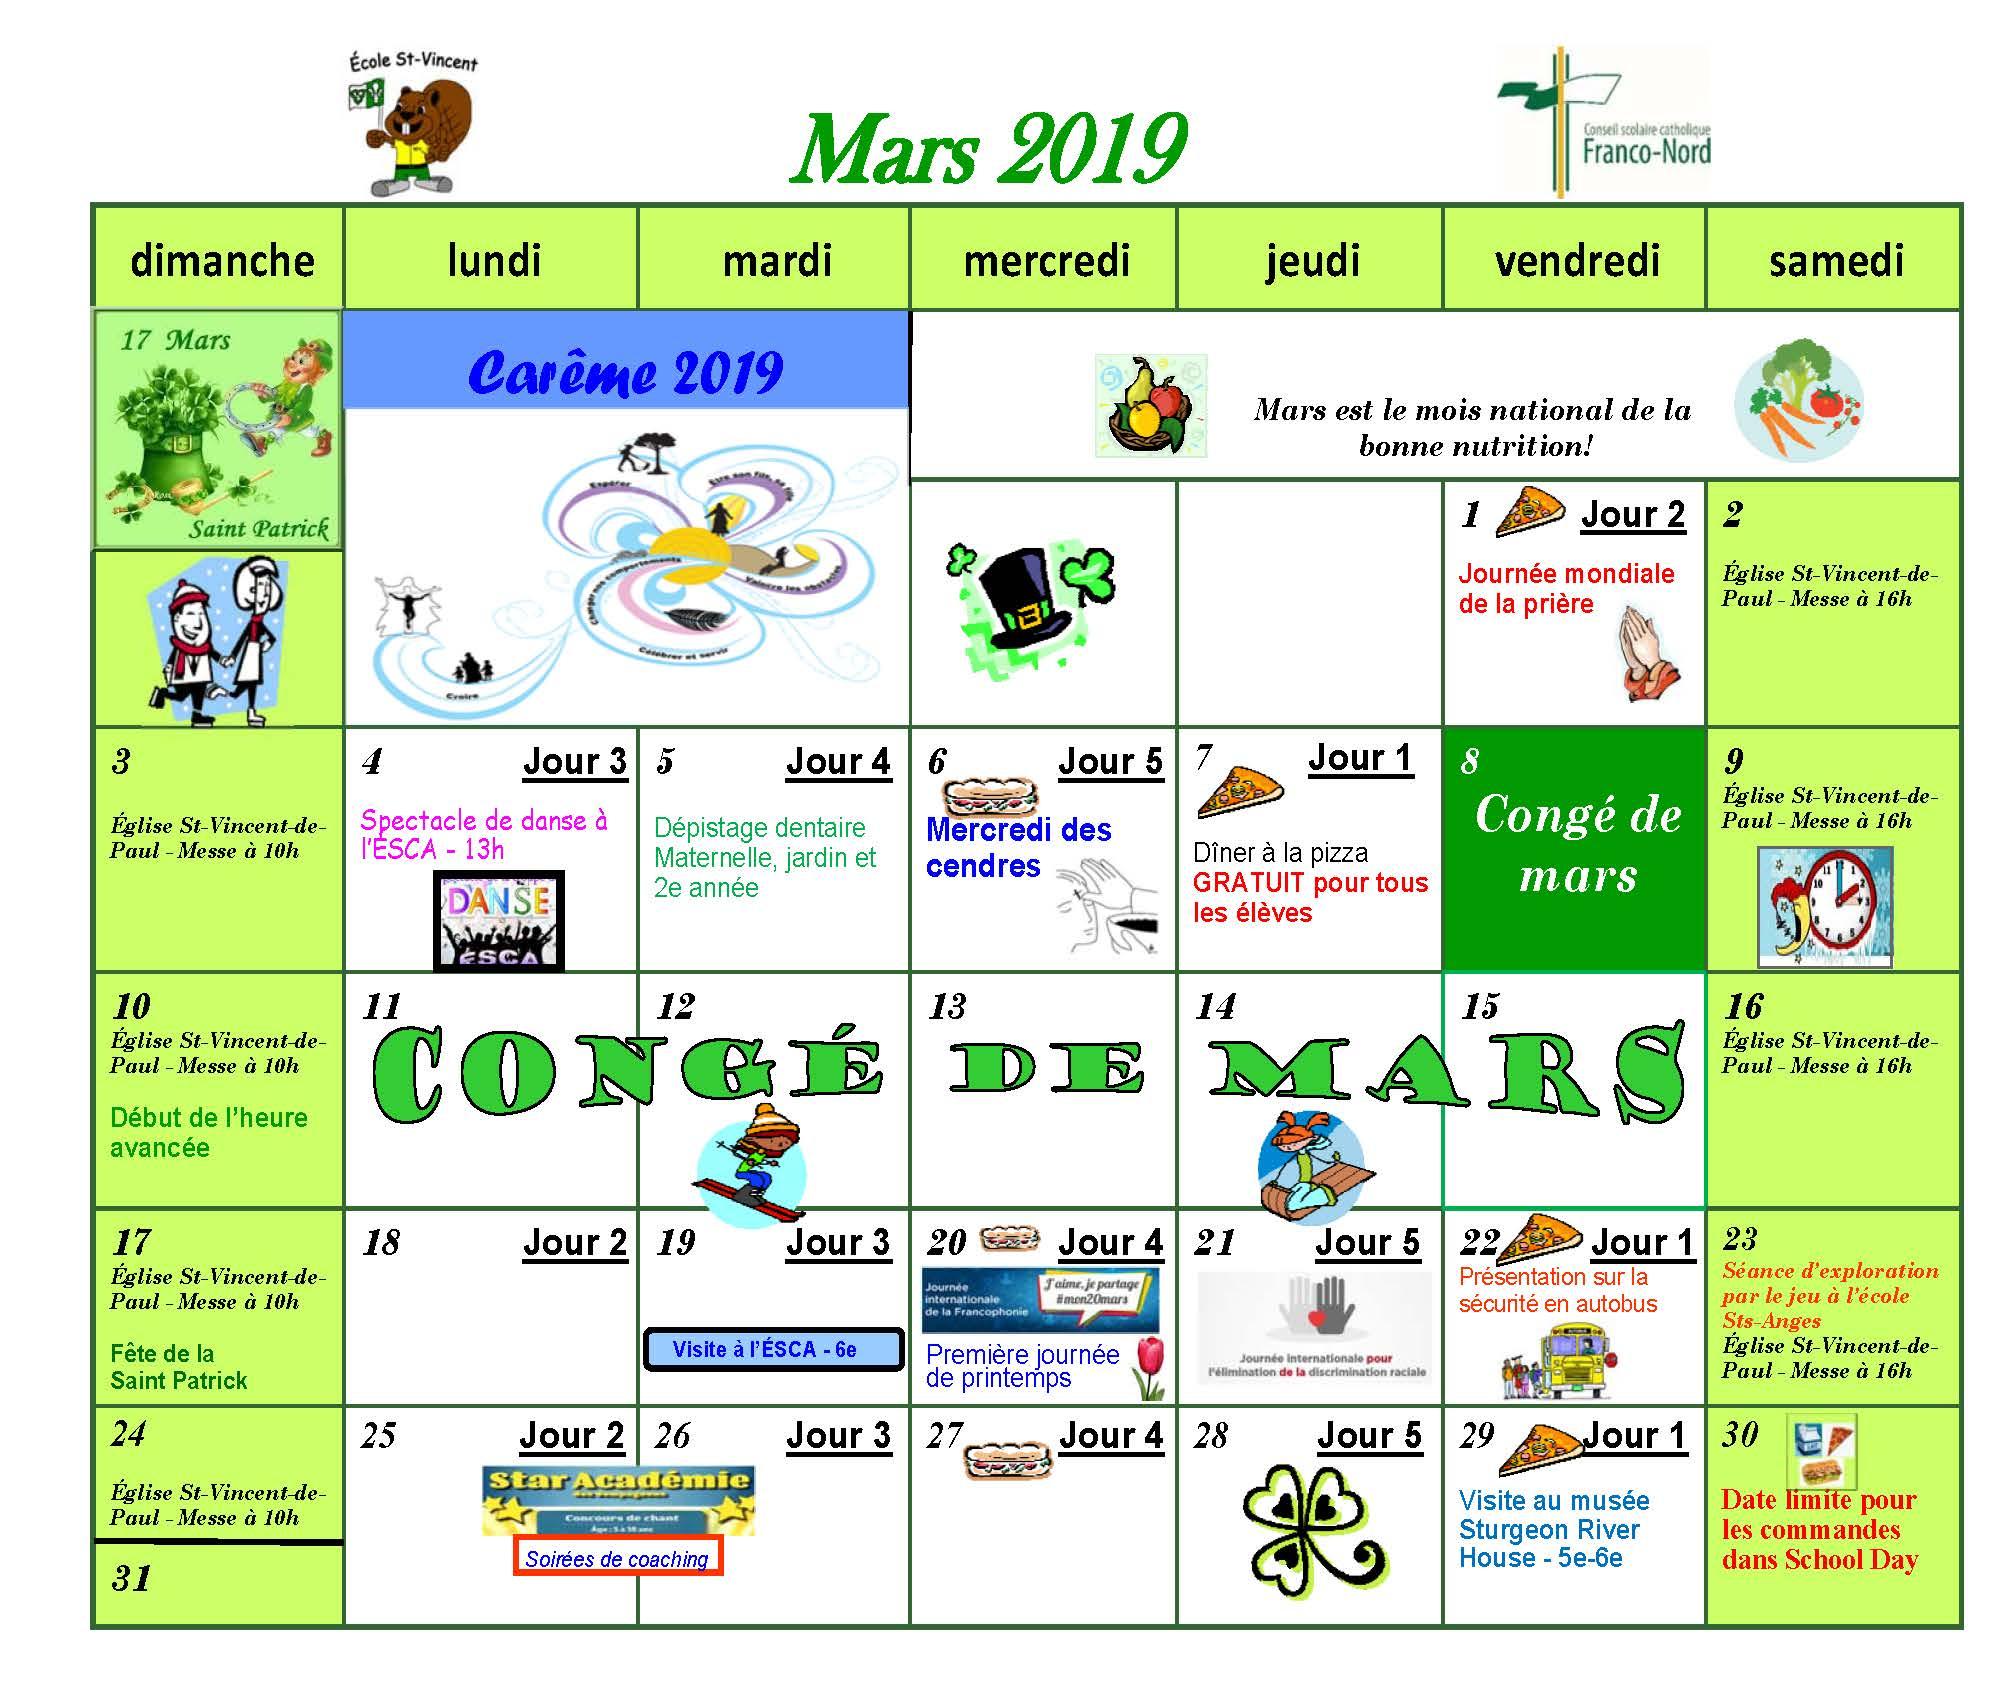 Calendrier De Mars 2019.Calendrier D Activites Mars 2019